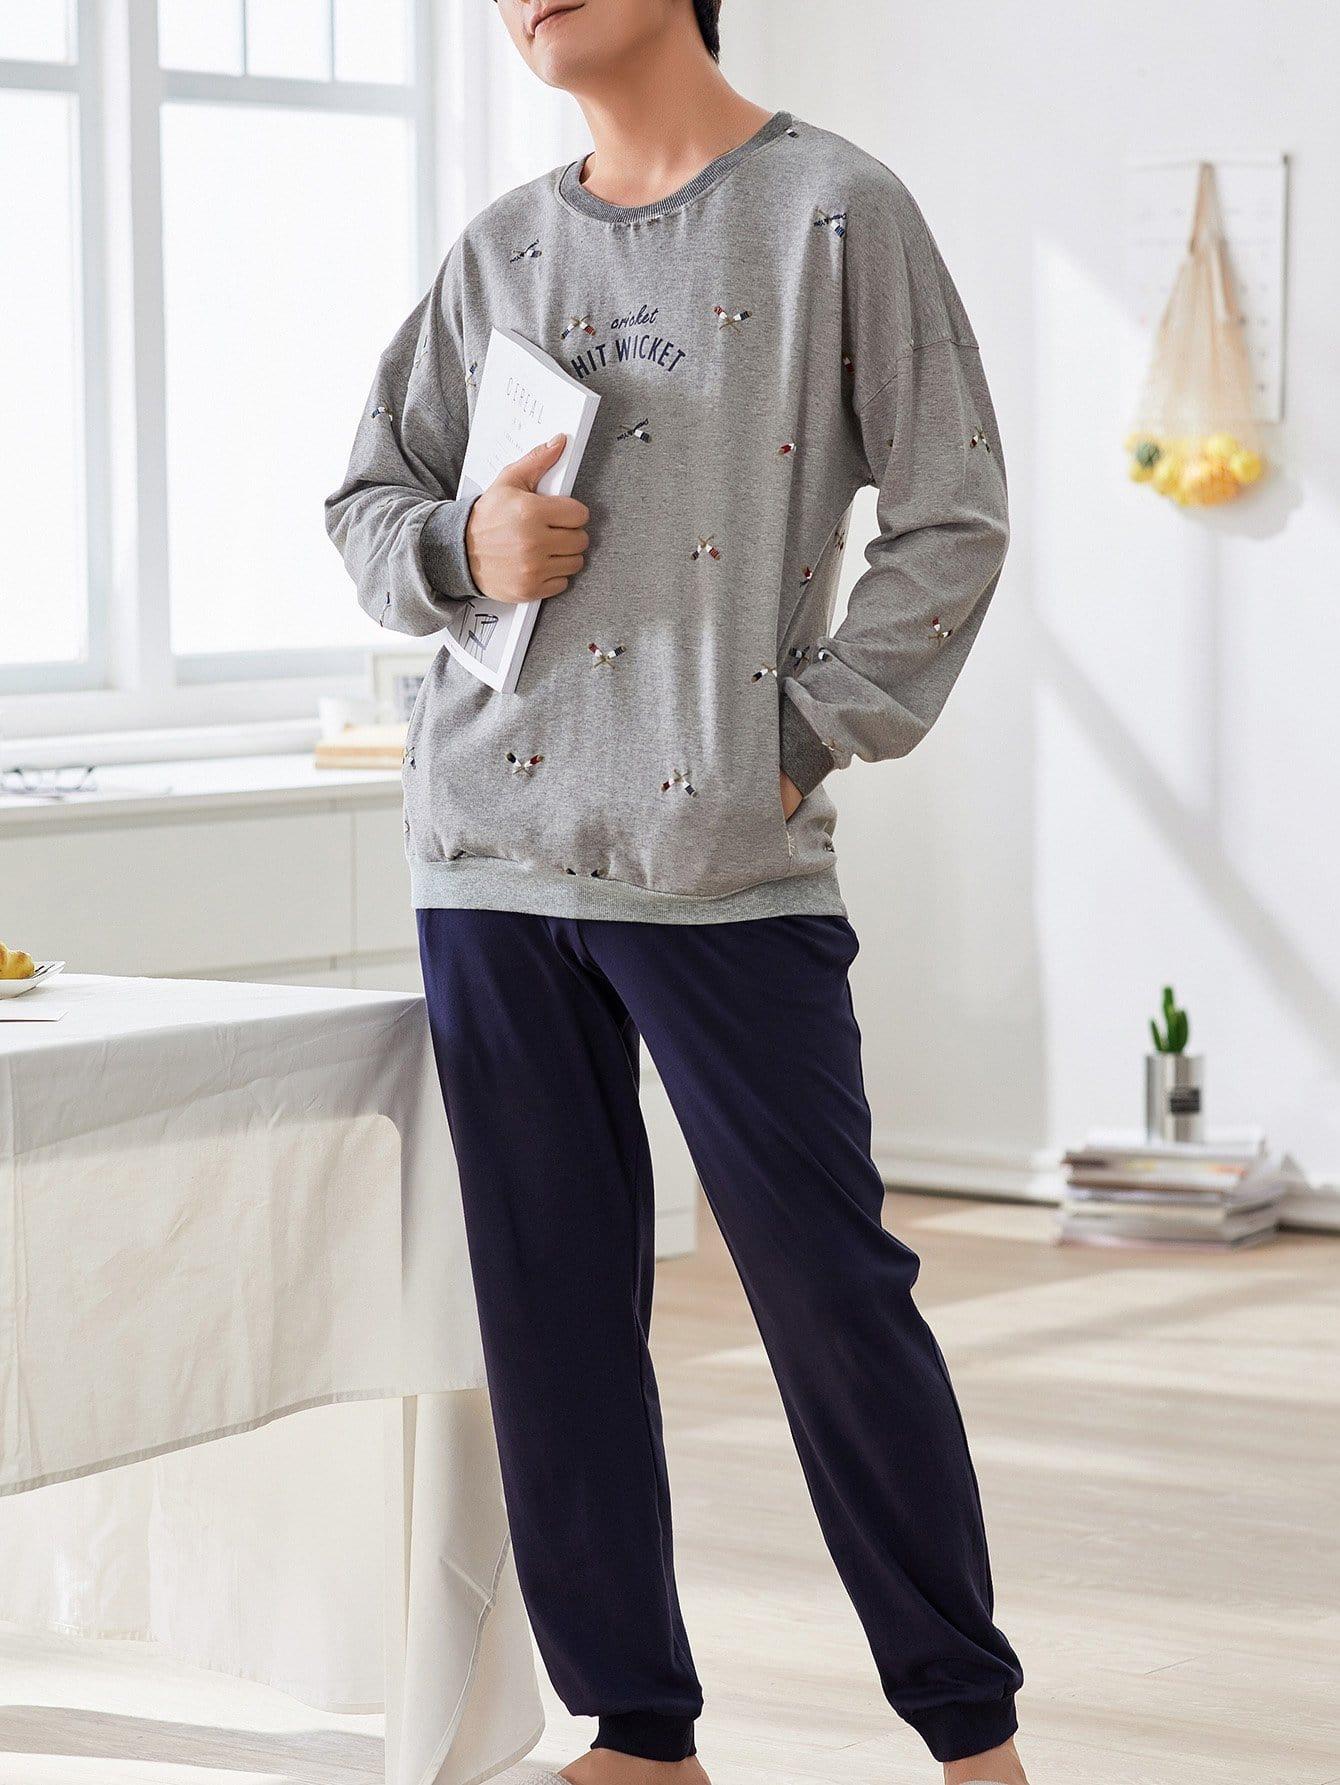 Купить Комплект пижамы с рисунками мультипликаций и буквы для мужчины, null, SheIn